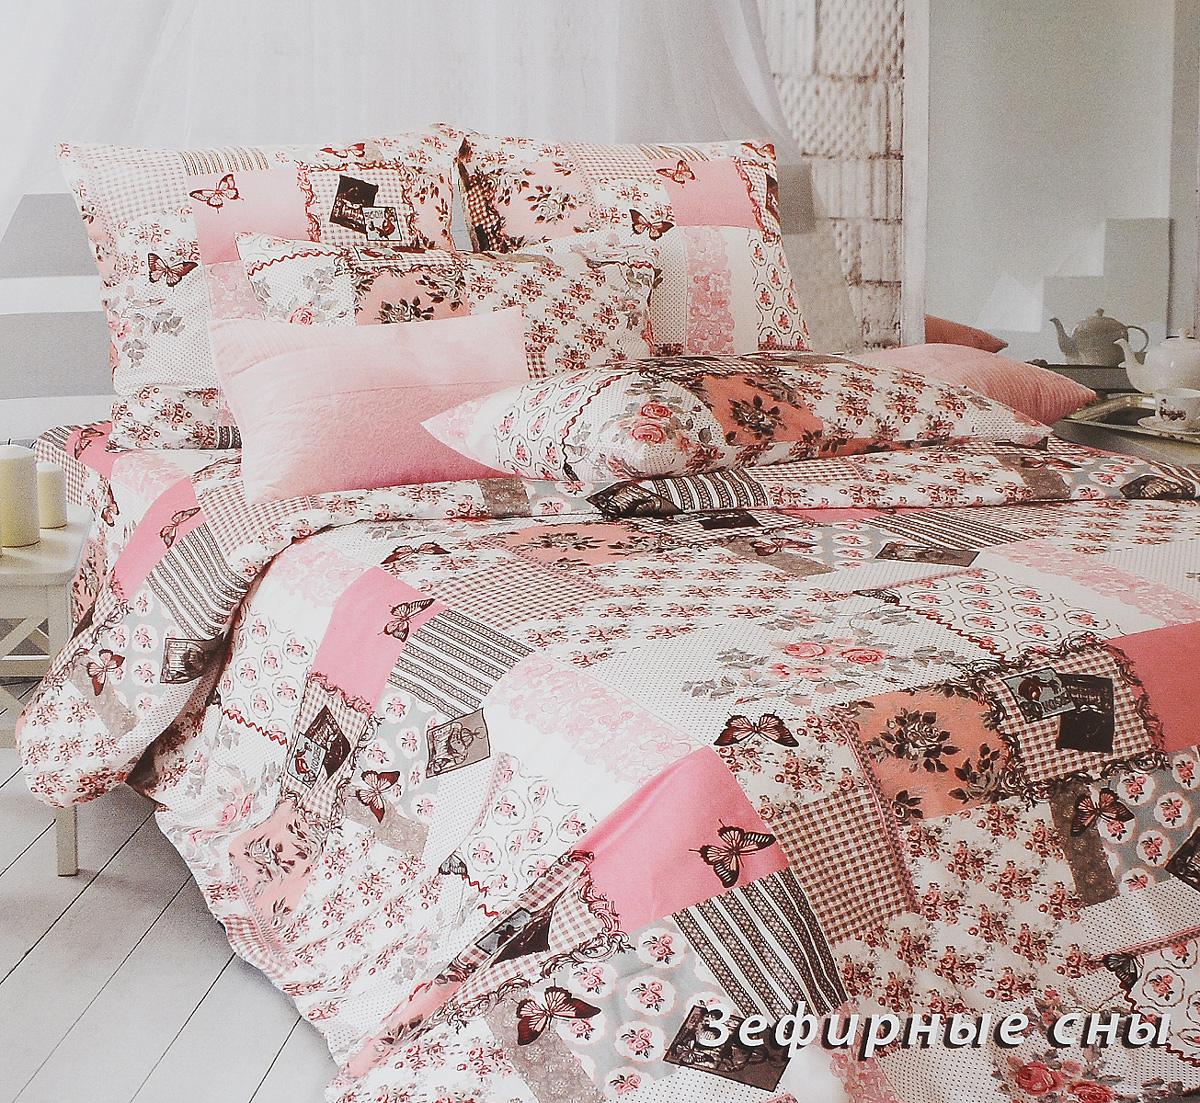 Комплект белья Tiffany's Secret Зефирные сны, 1,5-спальный, наволочки 50х70, цвет: розовый, белый, темно-коричневый комплект постельного белья tiffany s secret евро сатин зефирные сны